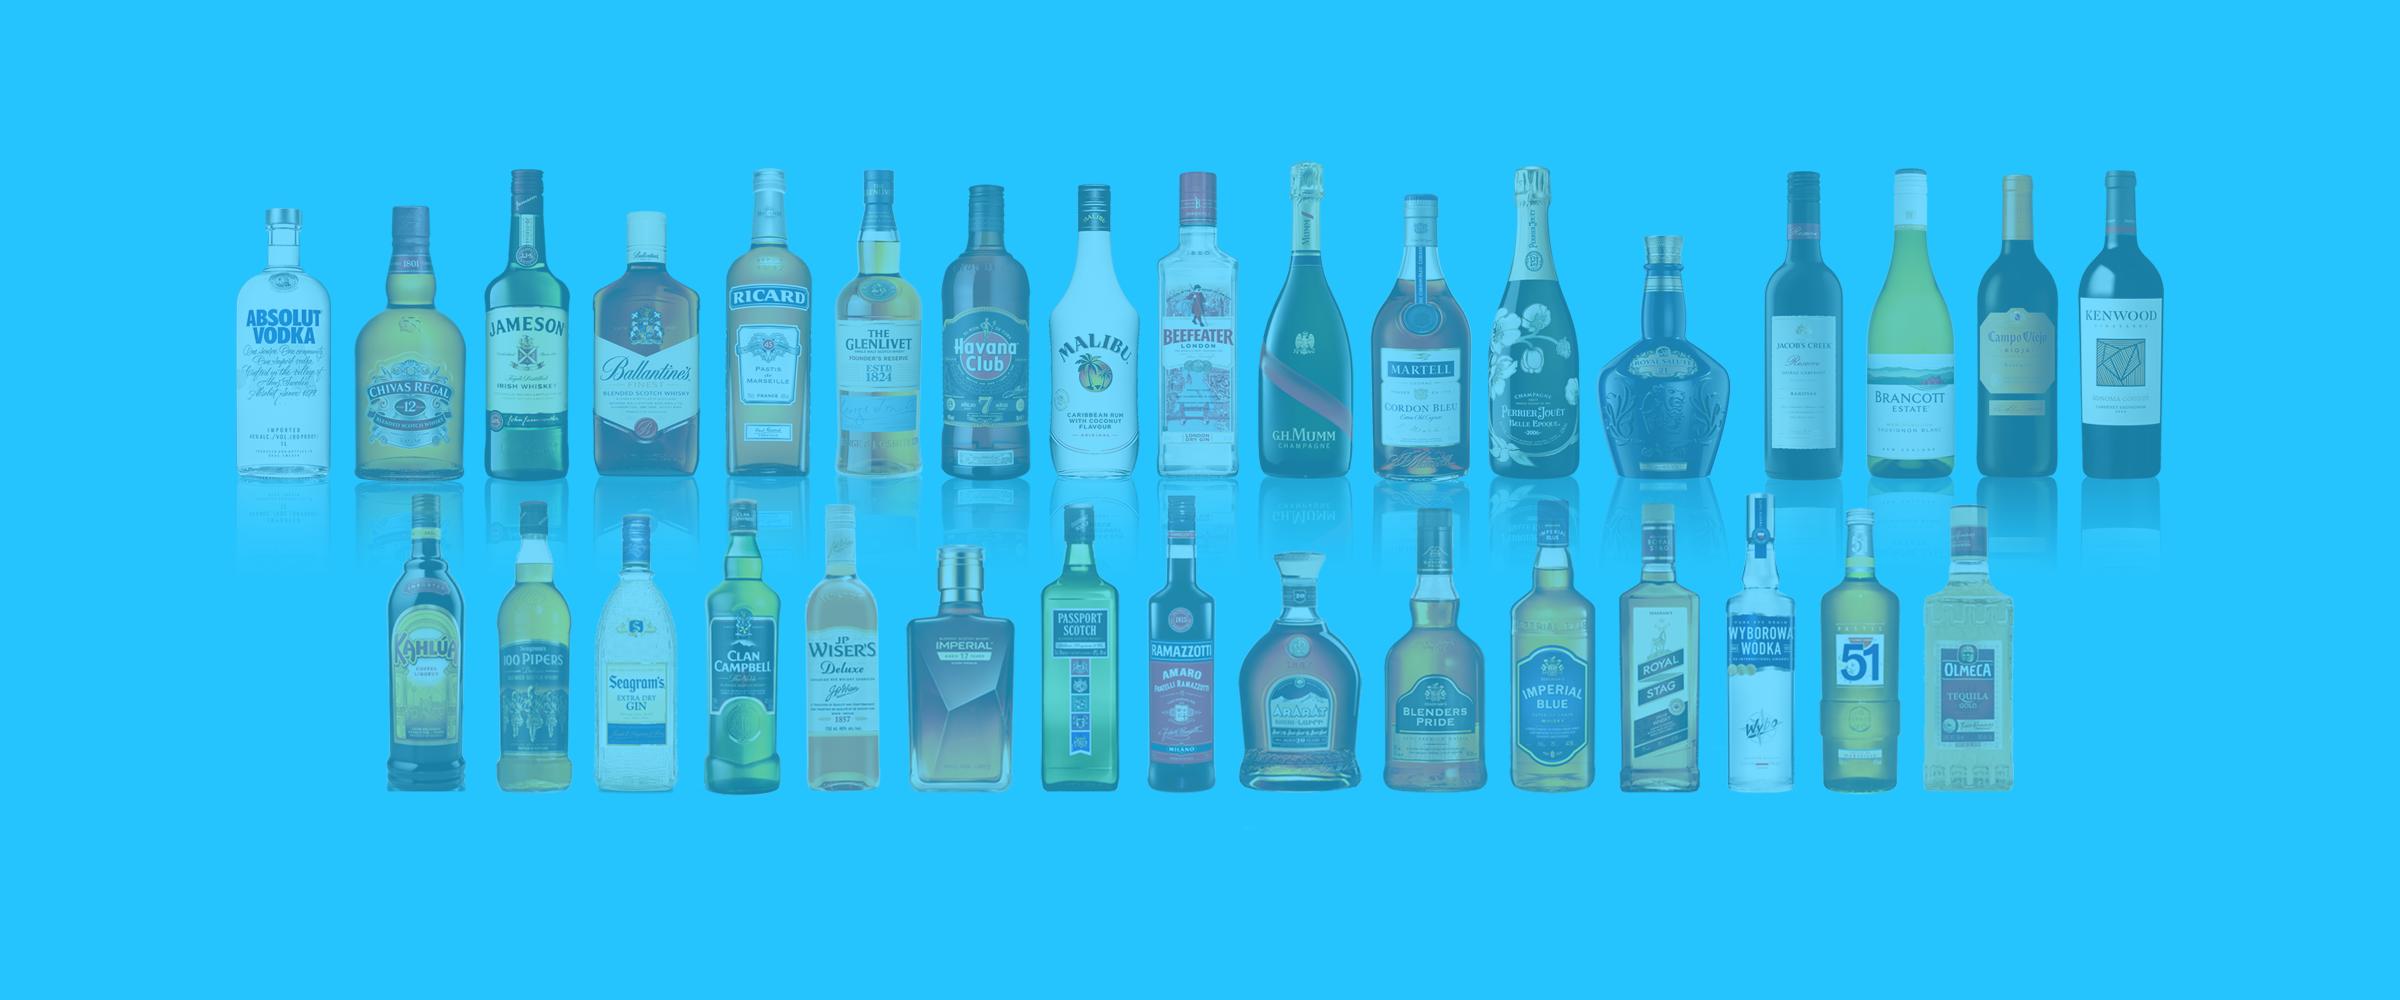 Pernod Ricard, créateurs de convivialité